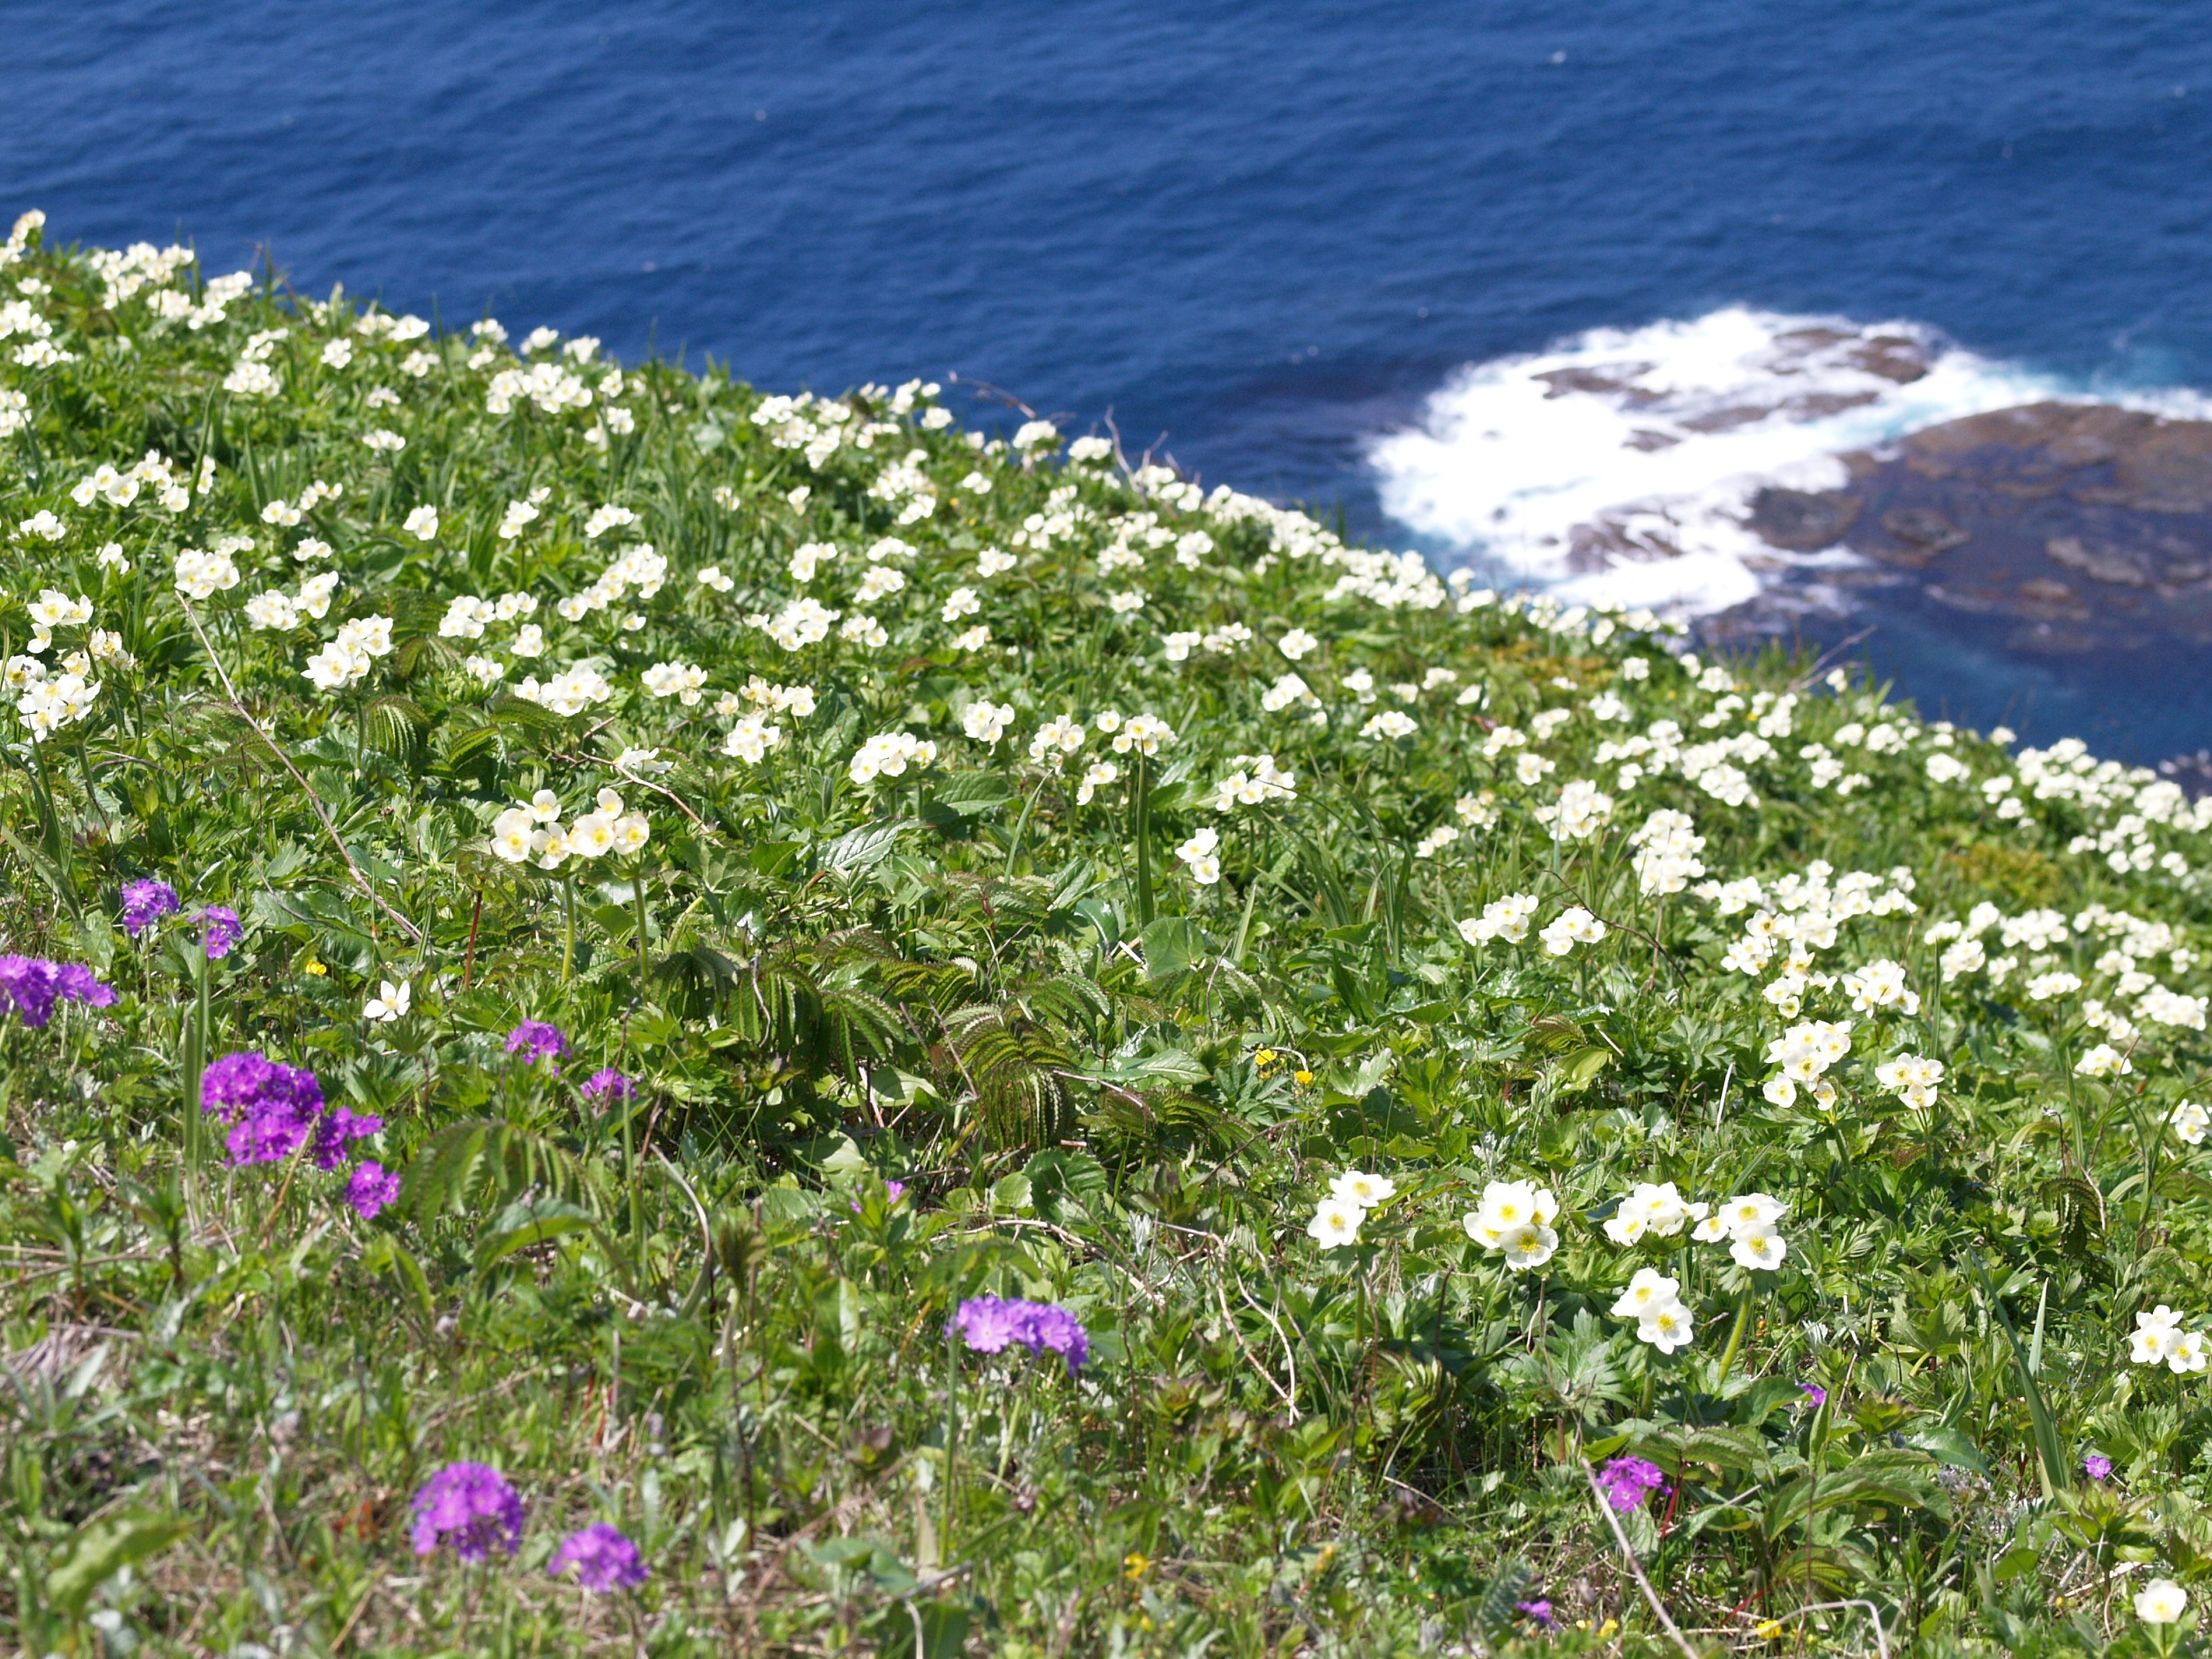 海岸近くから高山植物が咲き乱れます